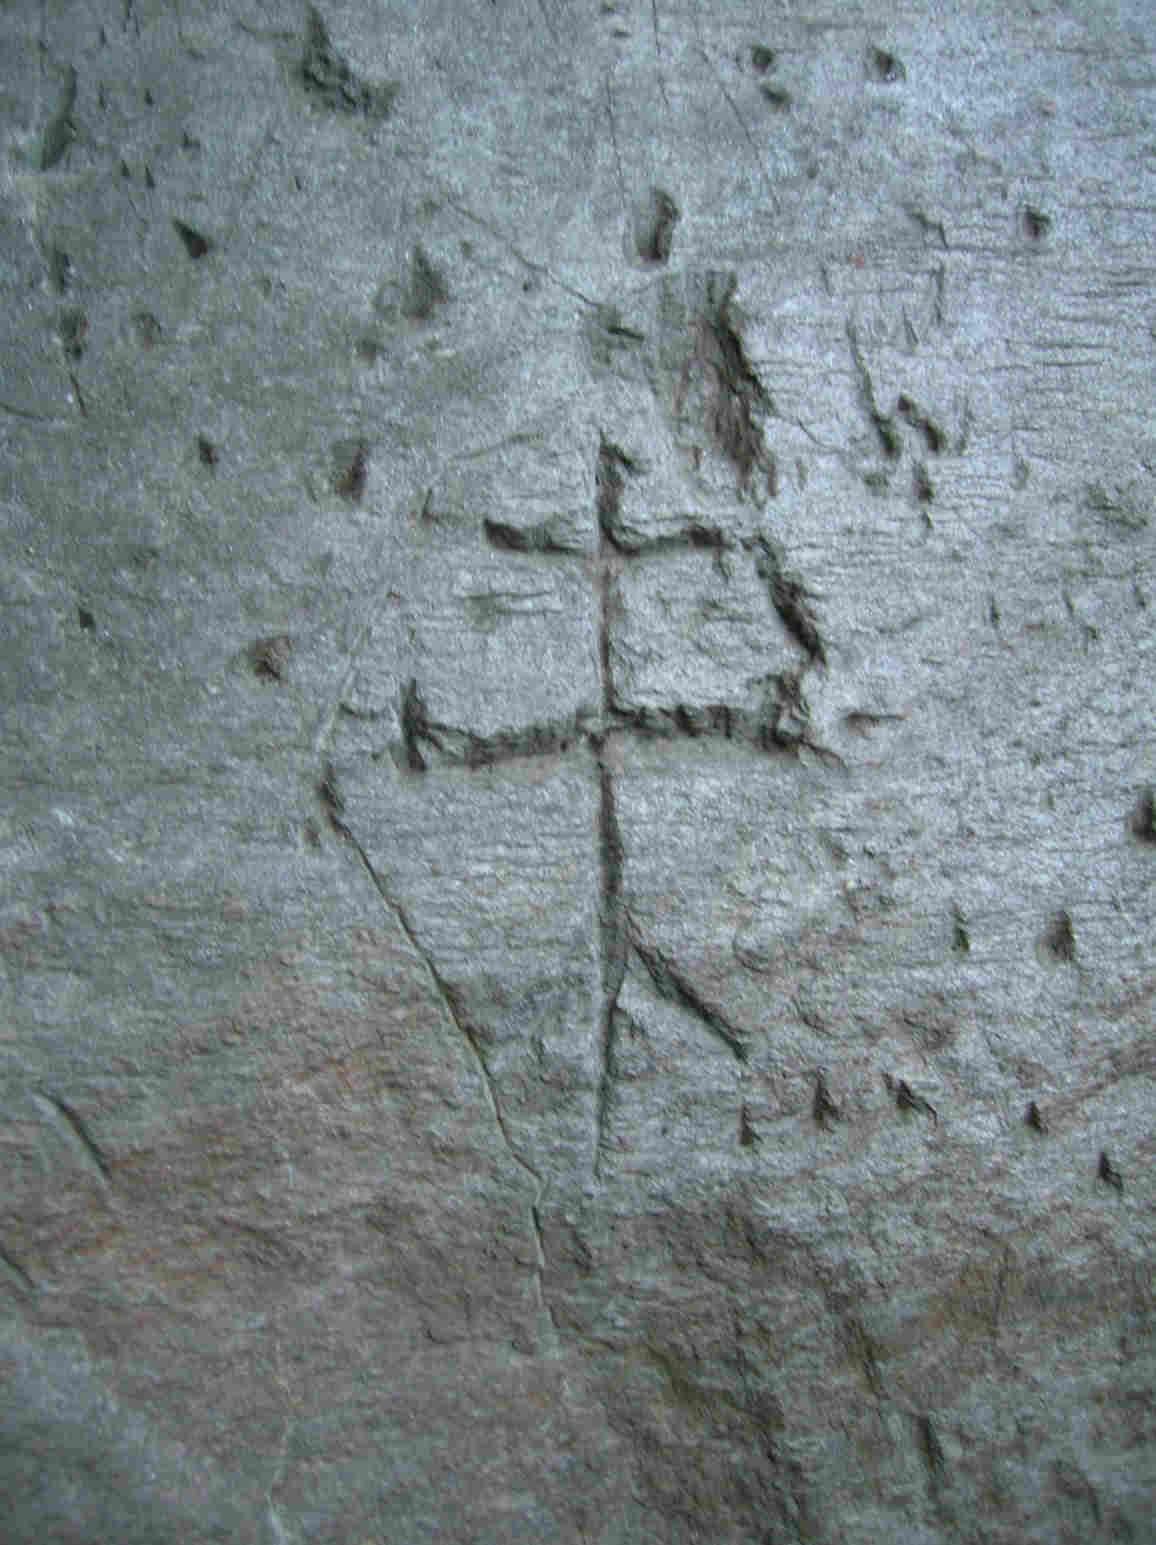 Croce antropomorfa - Ala di Stura, Valli di Lanzo - Rivista Promuovere